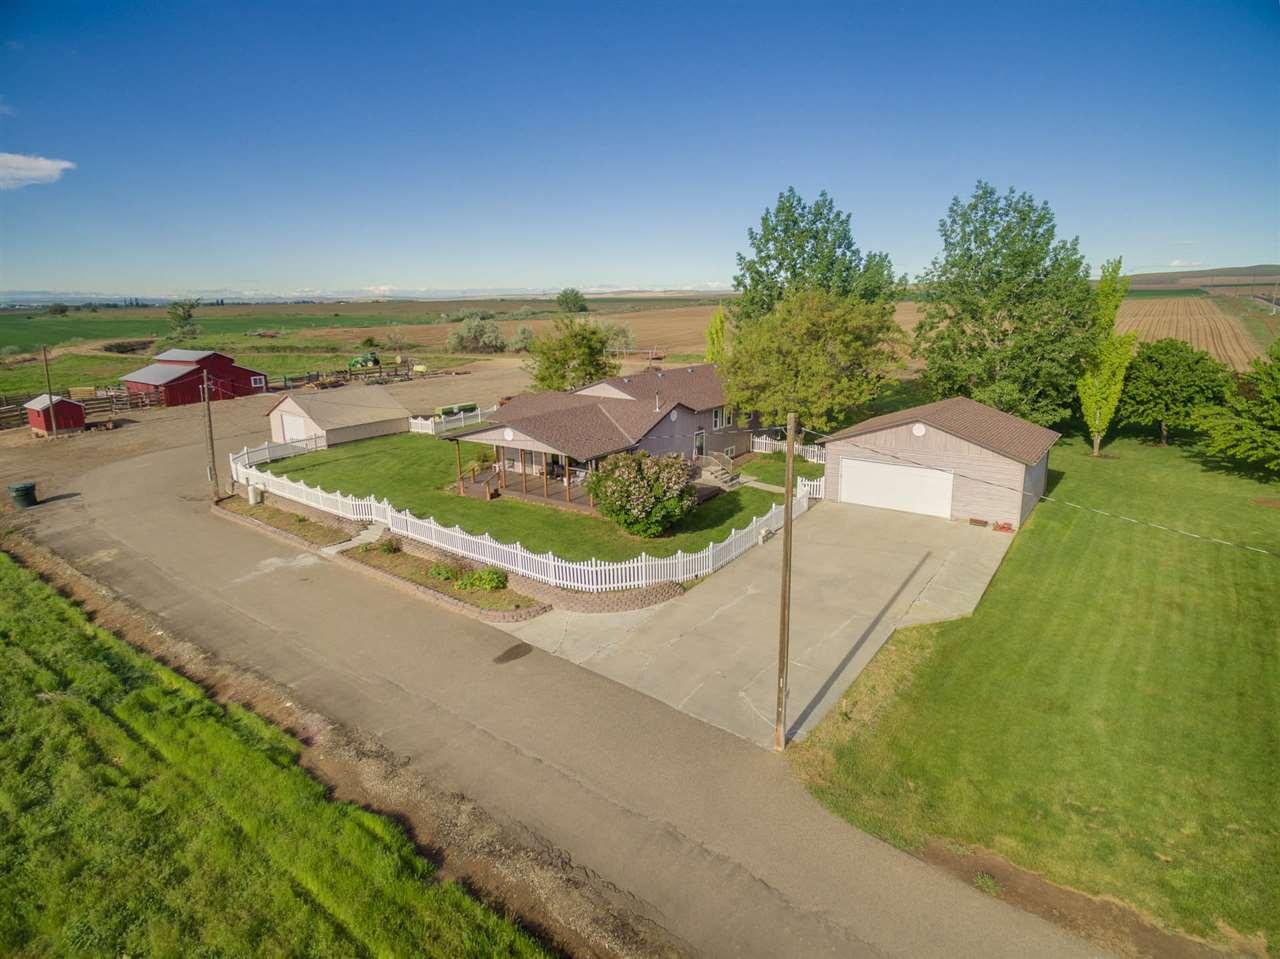 农场 为 销售 在 439 Evergreen 439 Evergreen Ontario, 俄勒冈州 97914